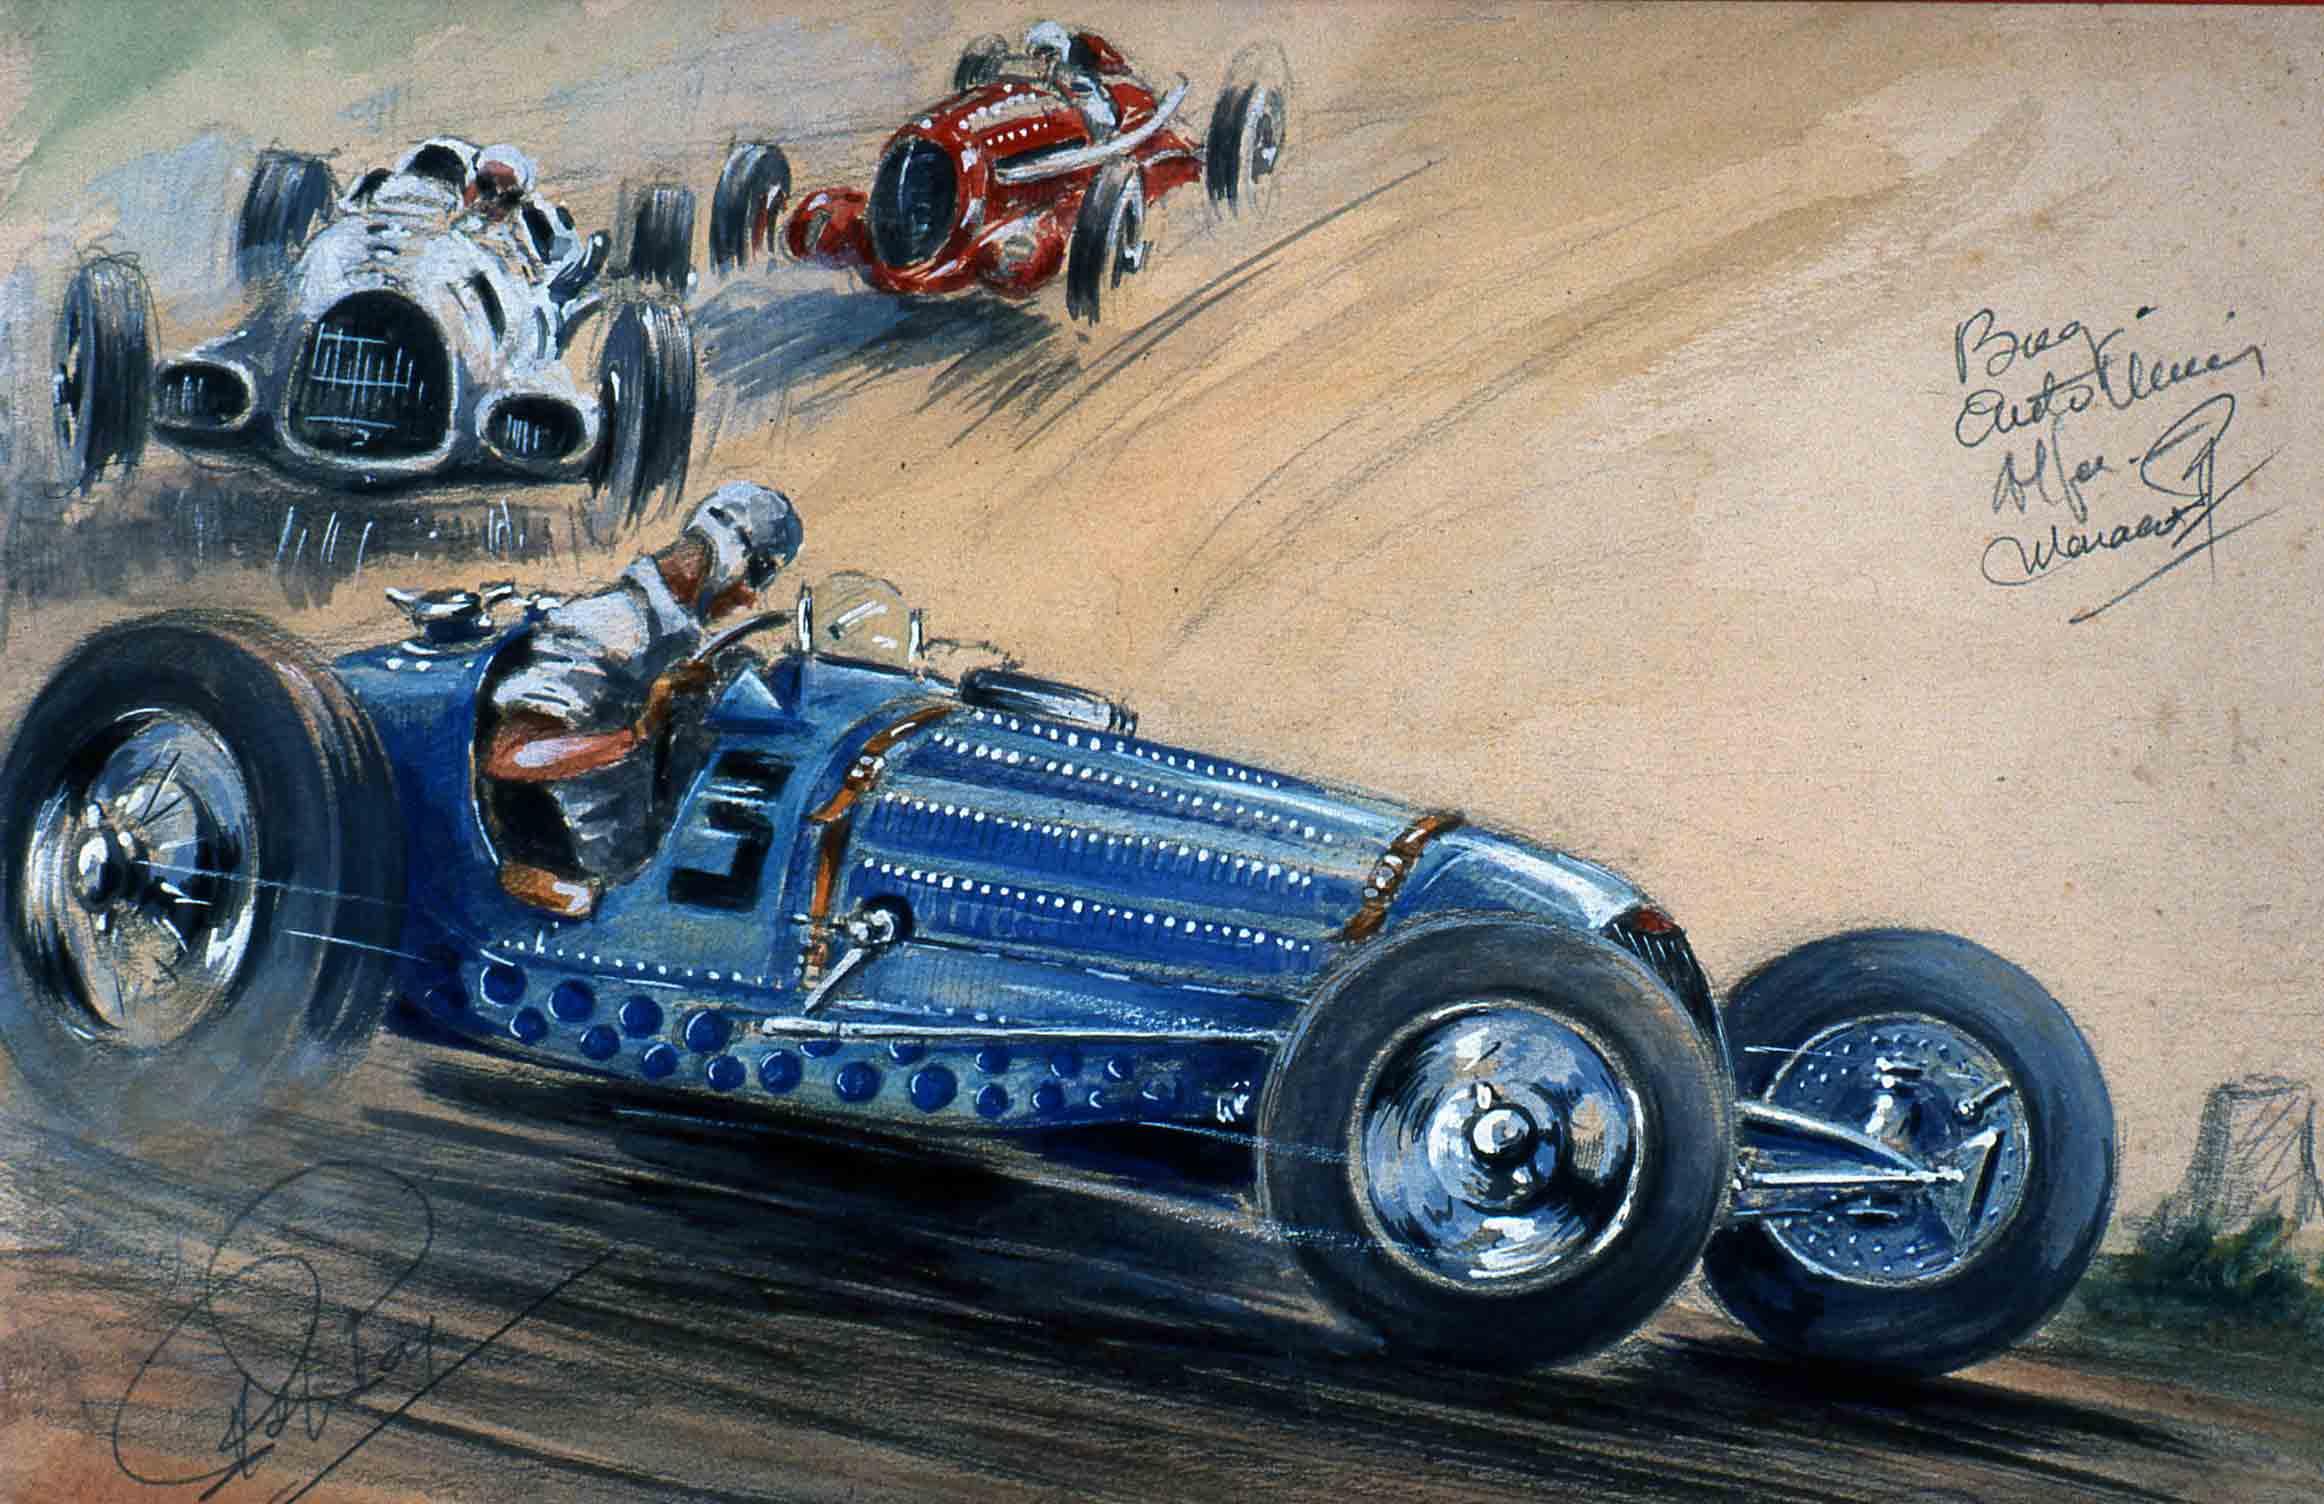 Bugatti Auto Union 1936